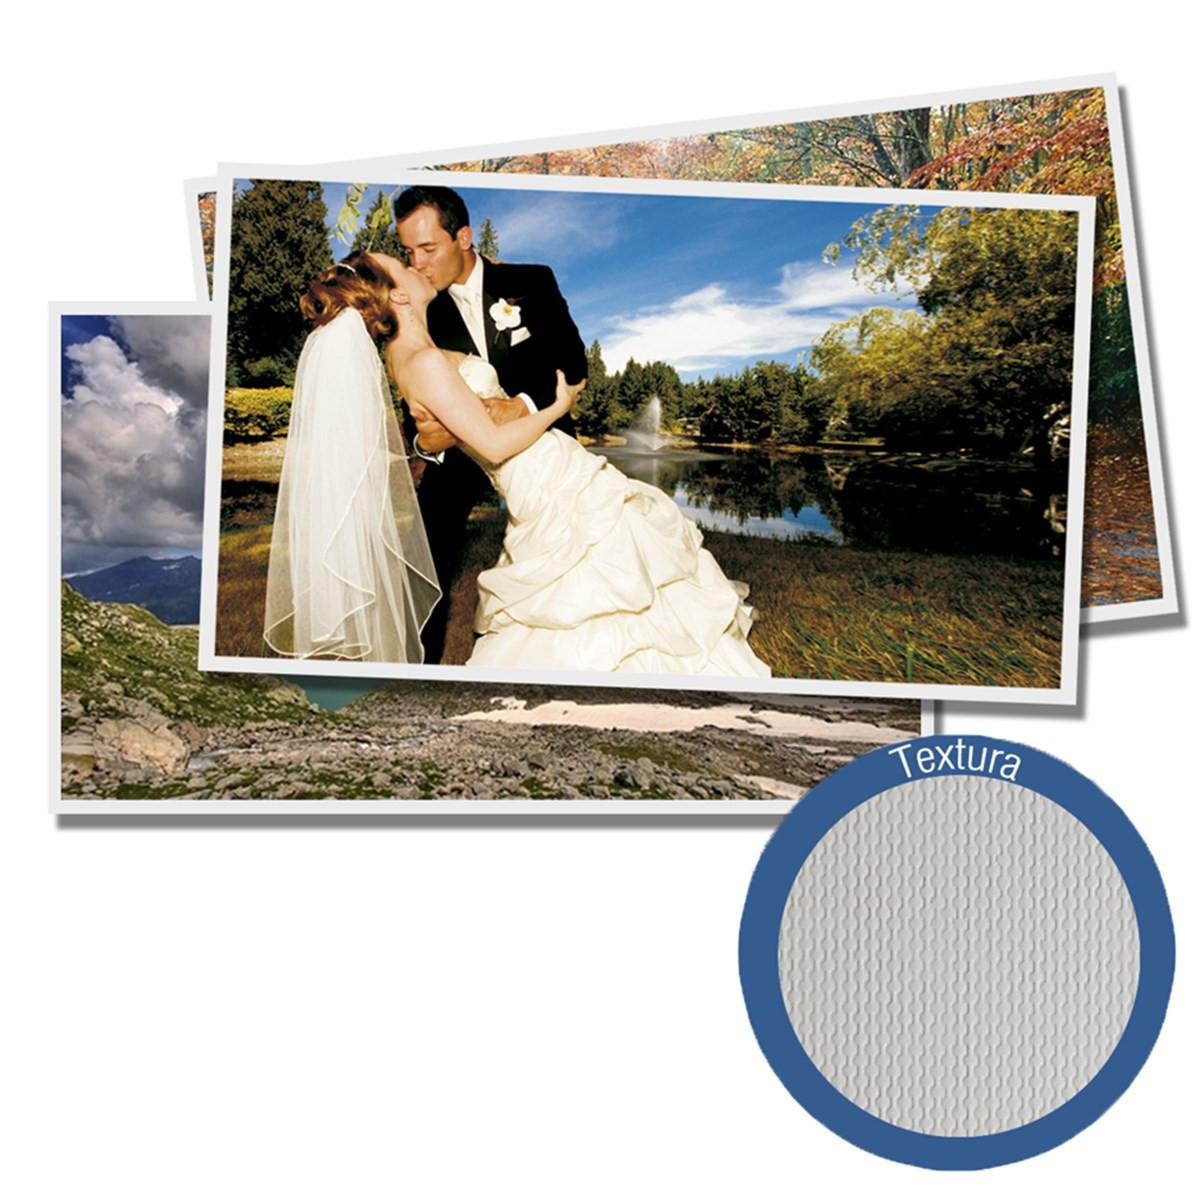 Papel Fotográfico Glossy Brilhante Textura Pérola | 200g tamanho A4 | Pacote com 20 folhas